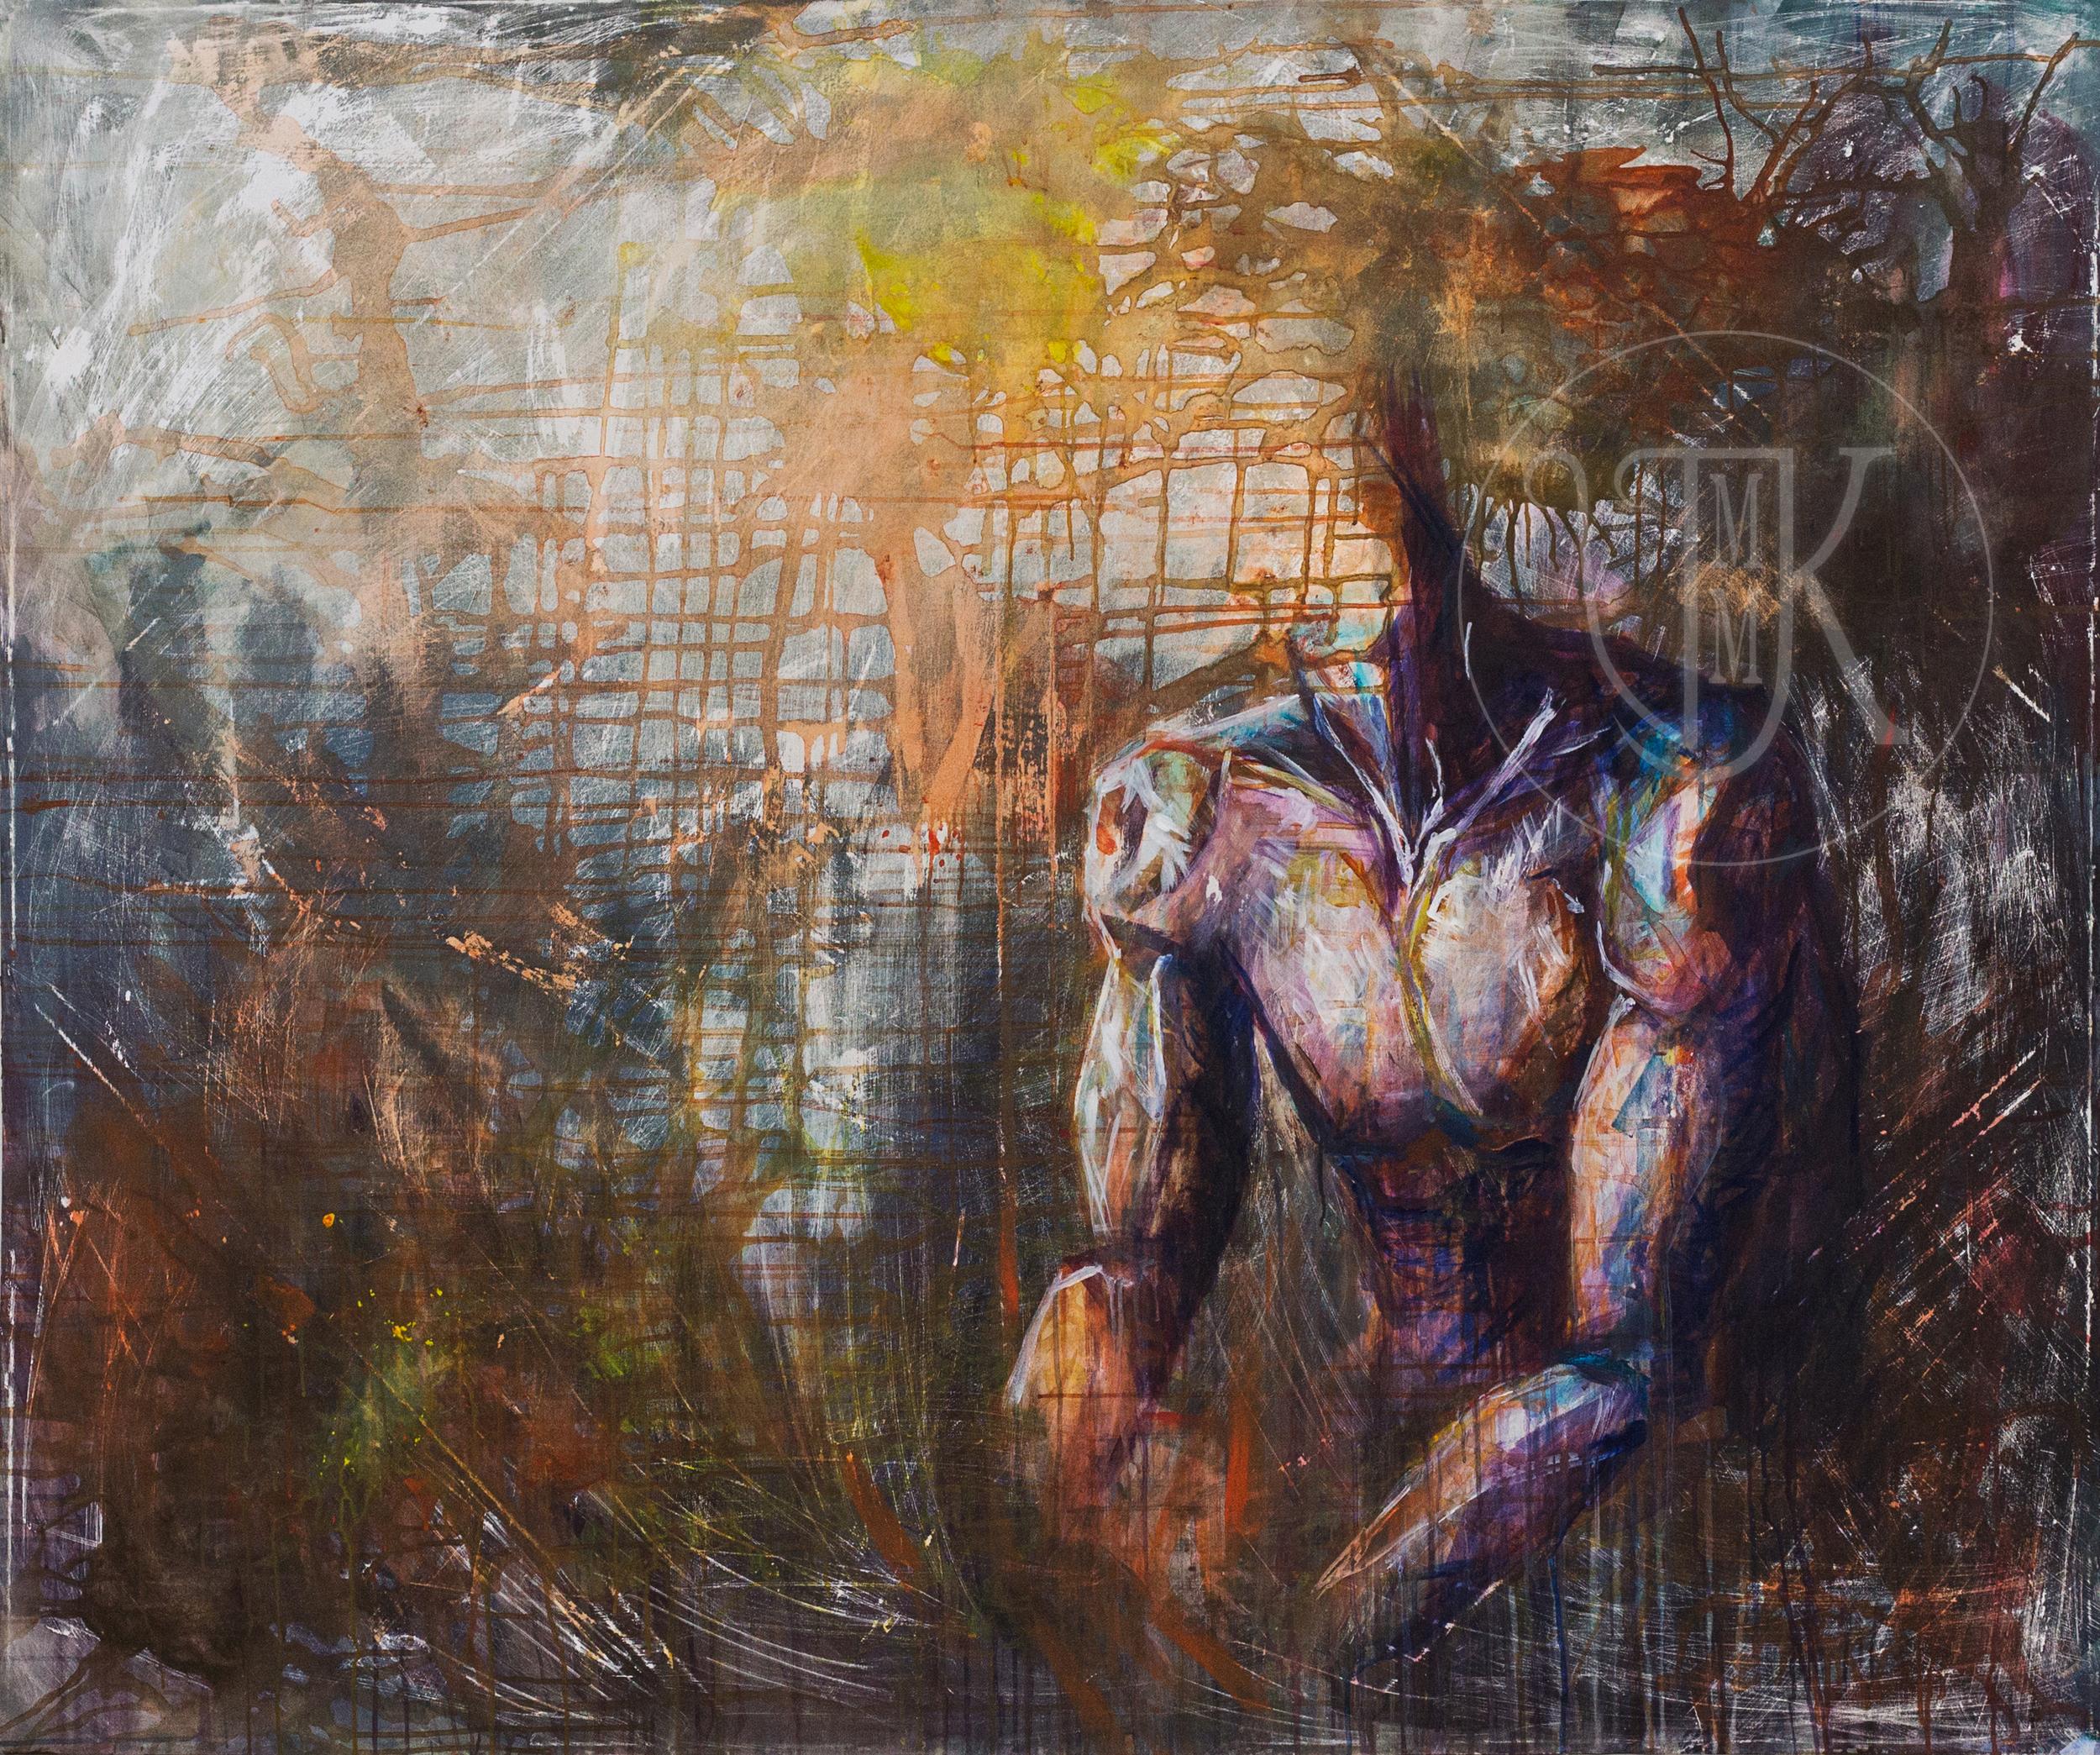 Acrylic on Canvas, 180 x 150 cm, 2016